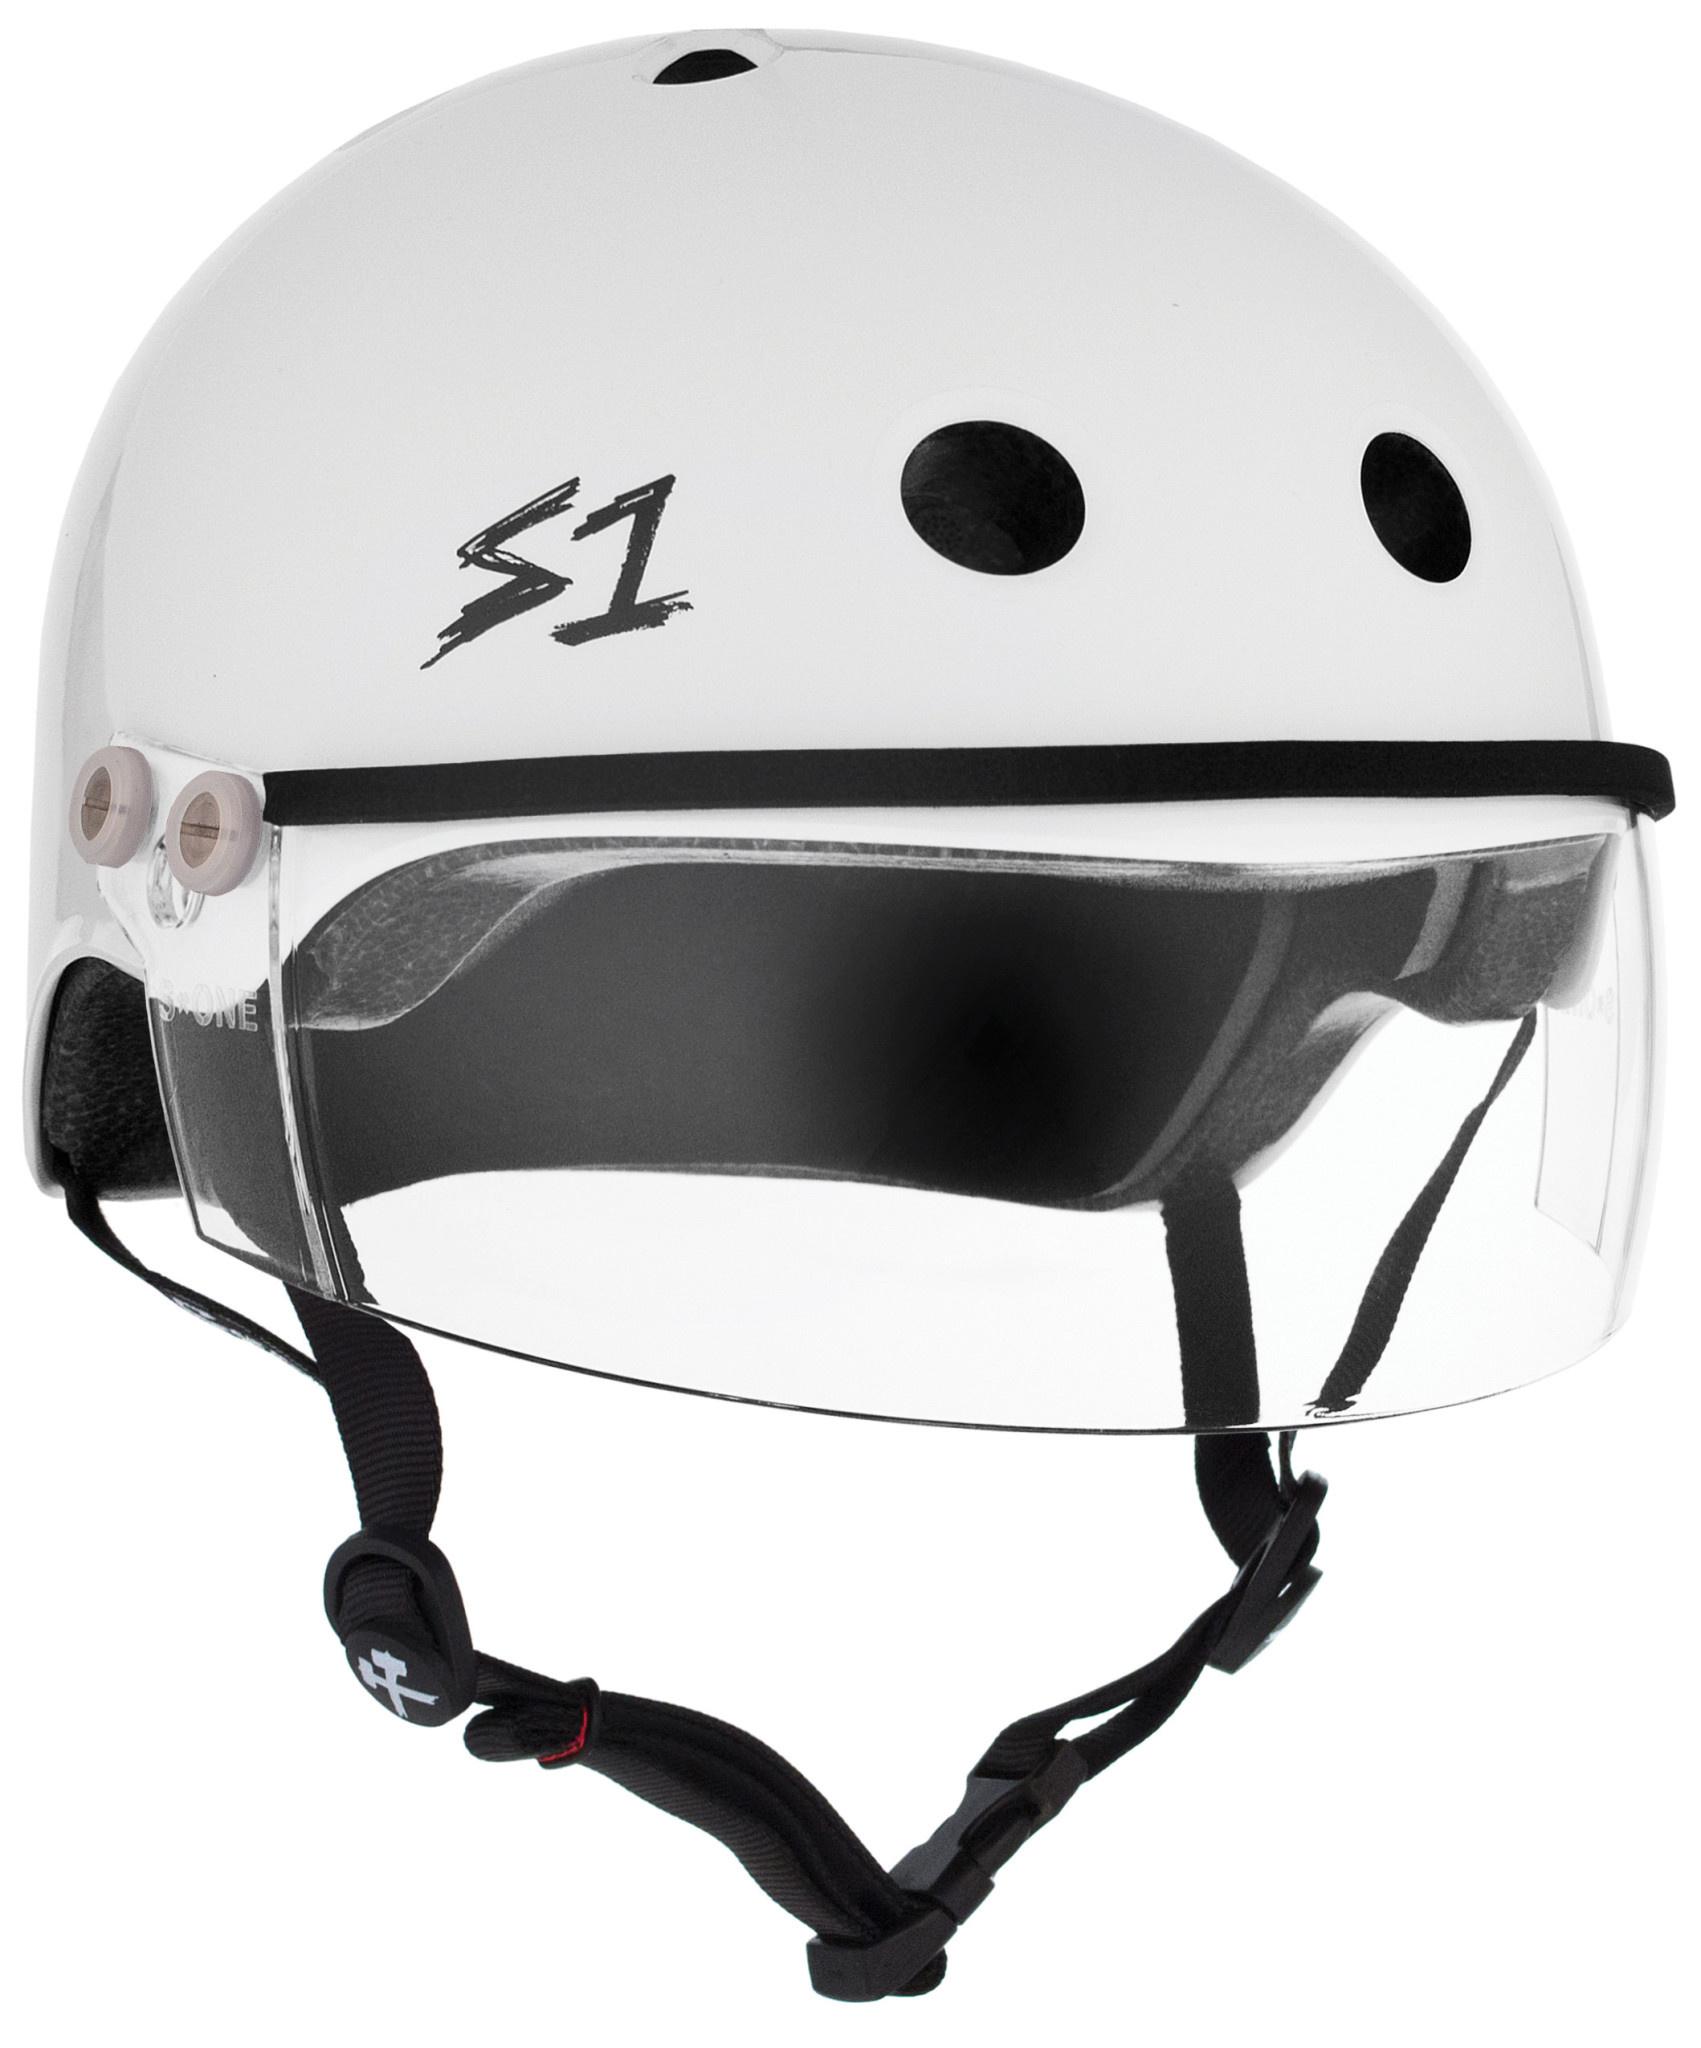 S-1 Lifer Visor Helmet - White Gloss